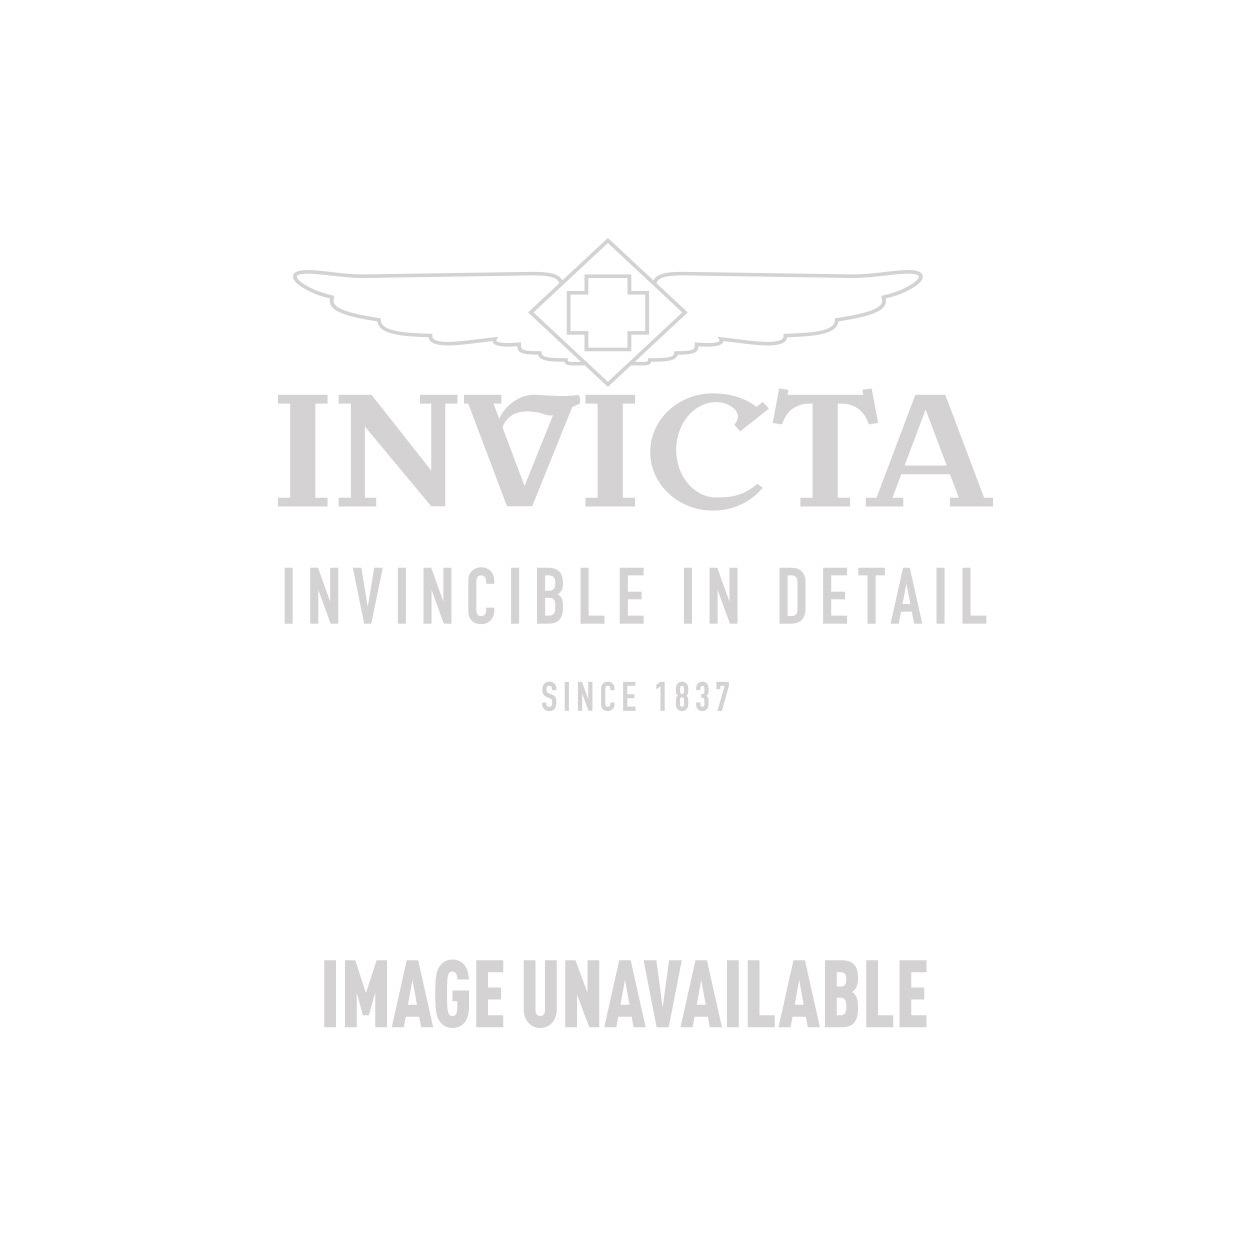 Invicta Model 25506